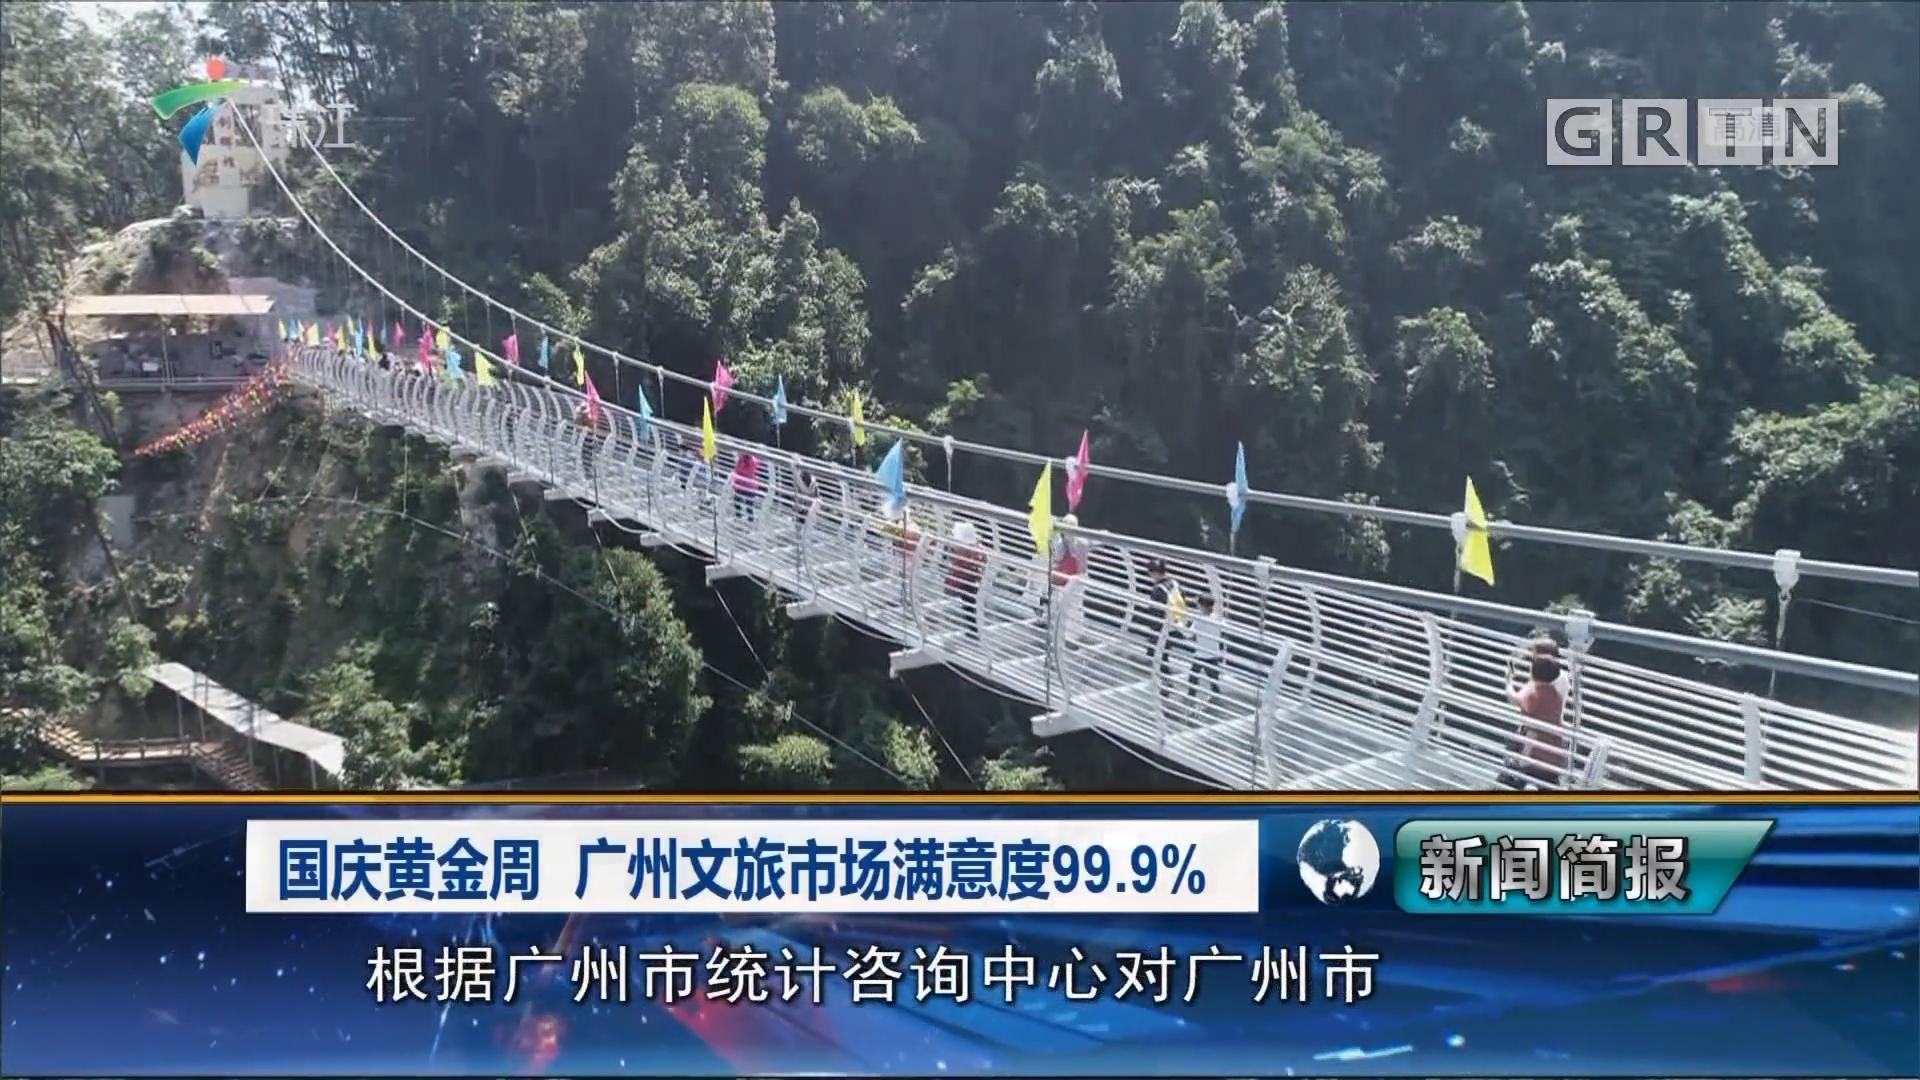 国庆黄金周 广州文旅市场满意度99.9%